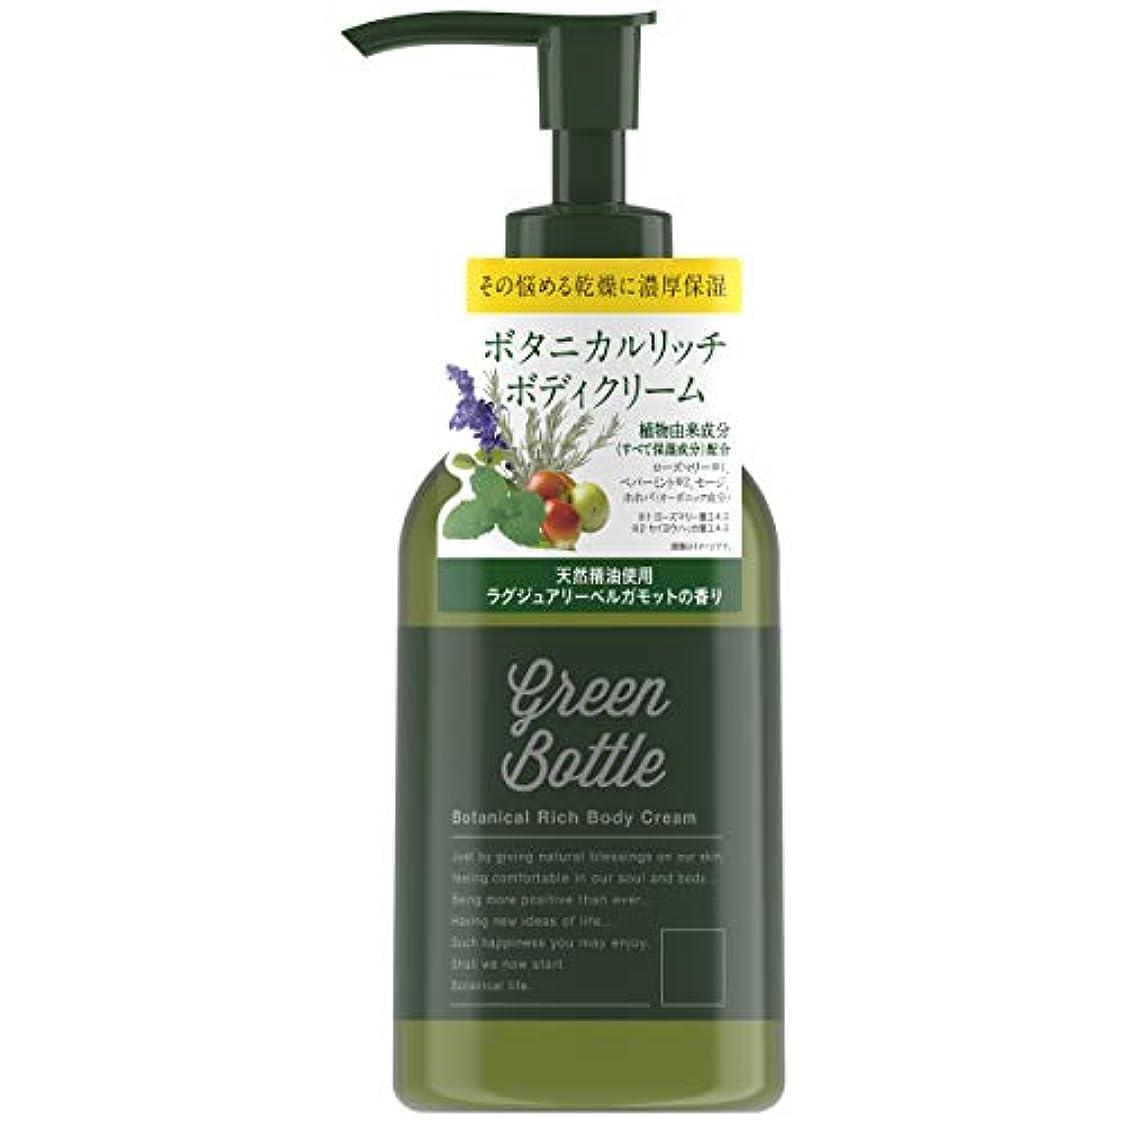 ビジネス提案肥料グリーンボトルボタニカルリッチボディクリーム 280ml